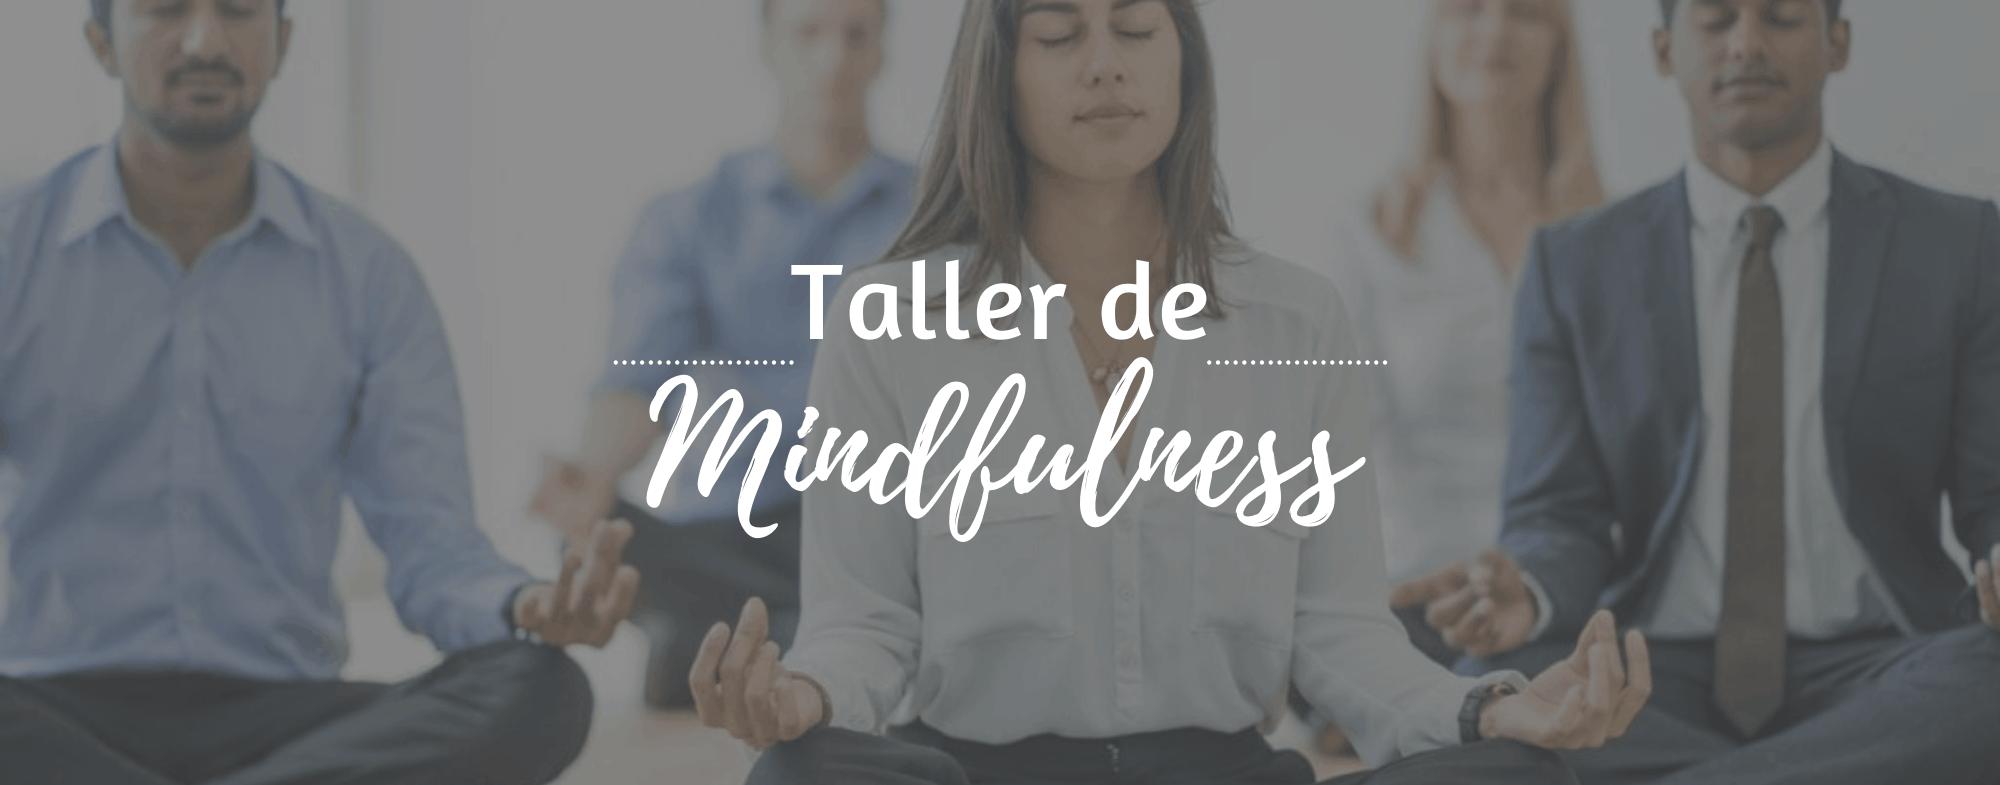 taller-de-mindfulness